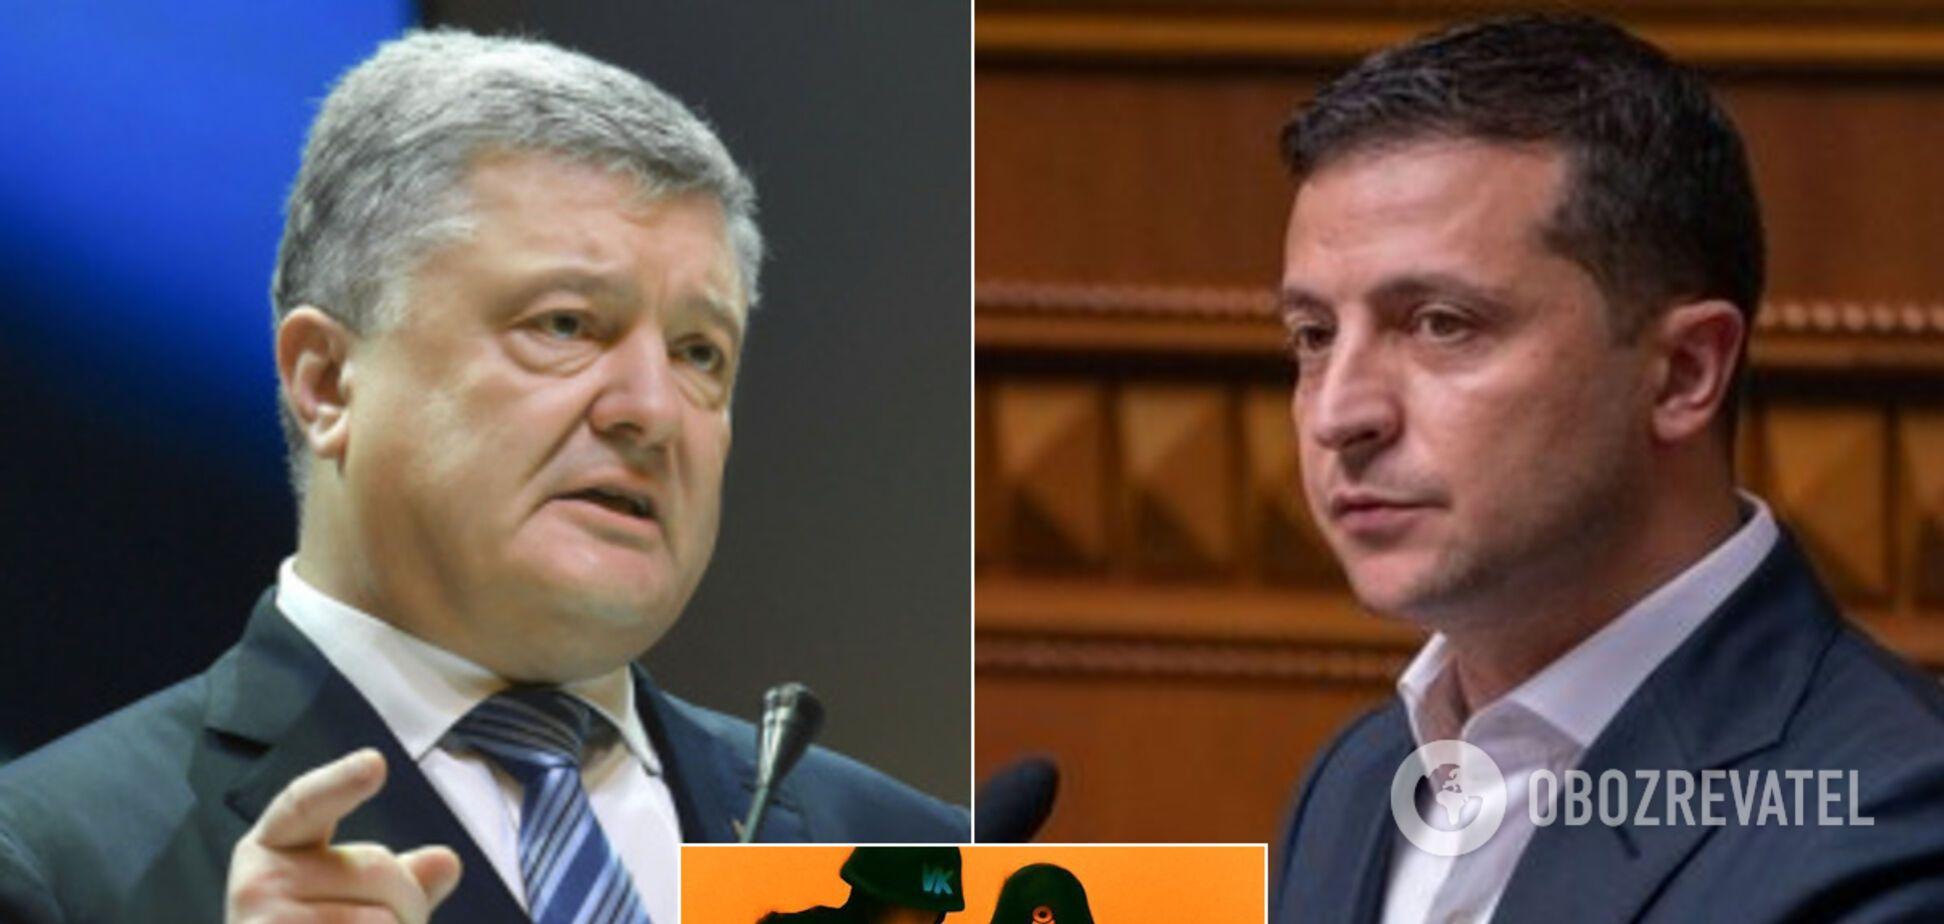 Порошенко зажадав у Зеленського терміново скликати РНБО: потужне звернення